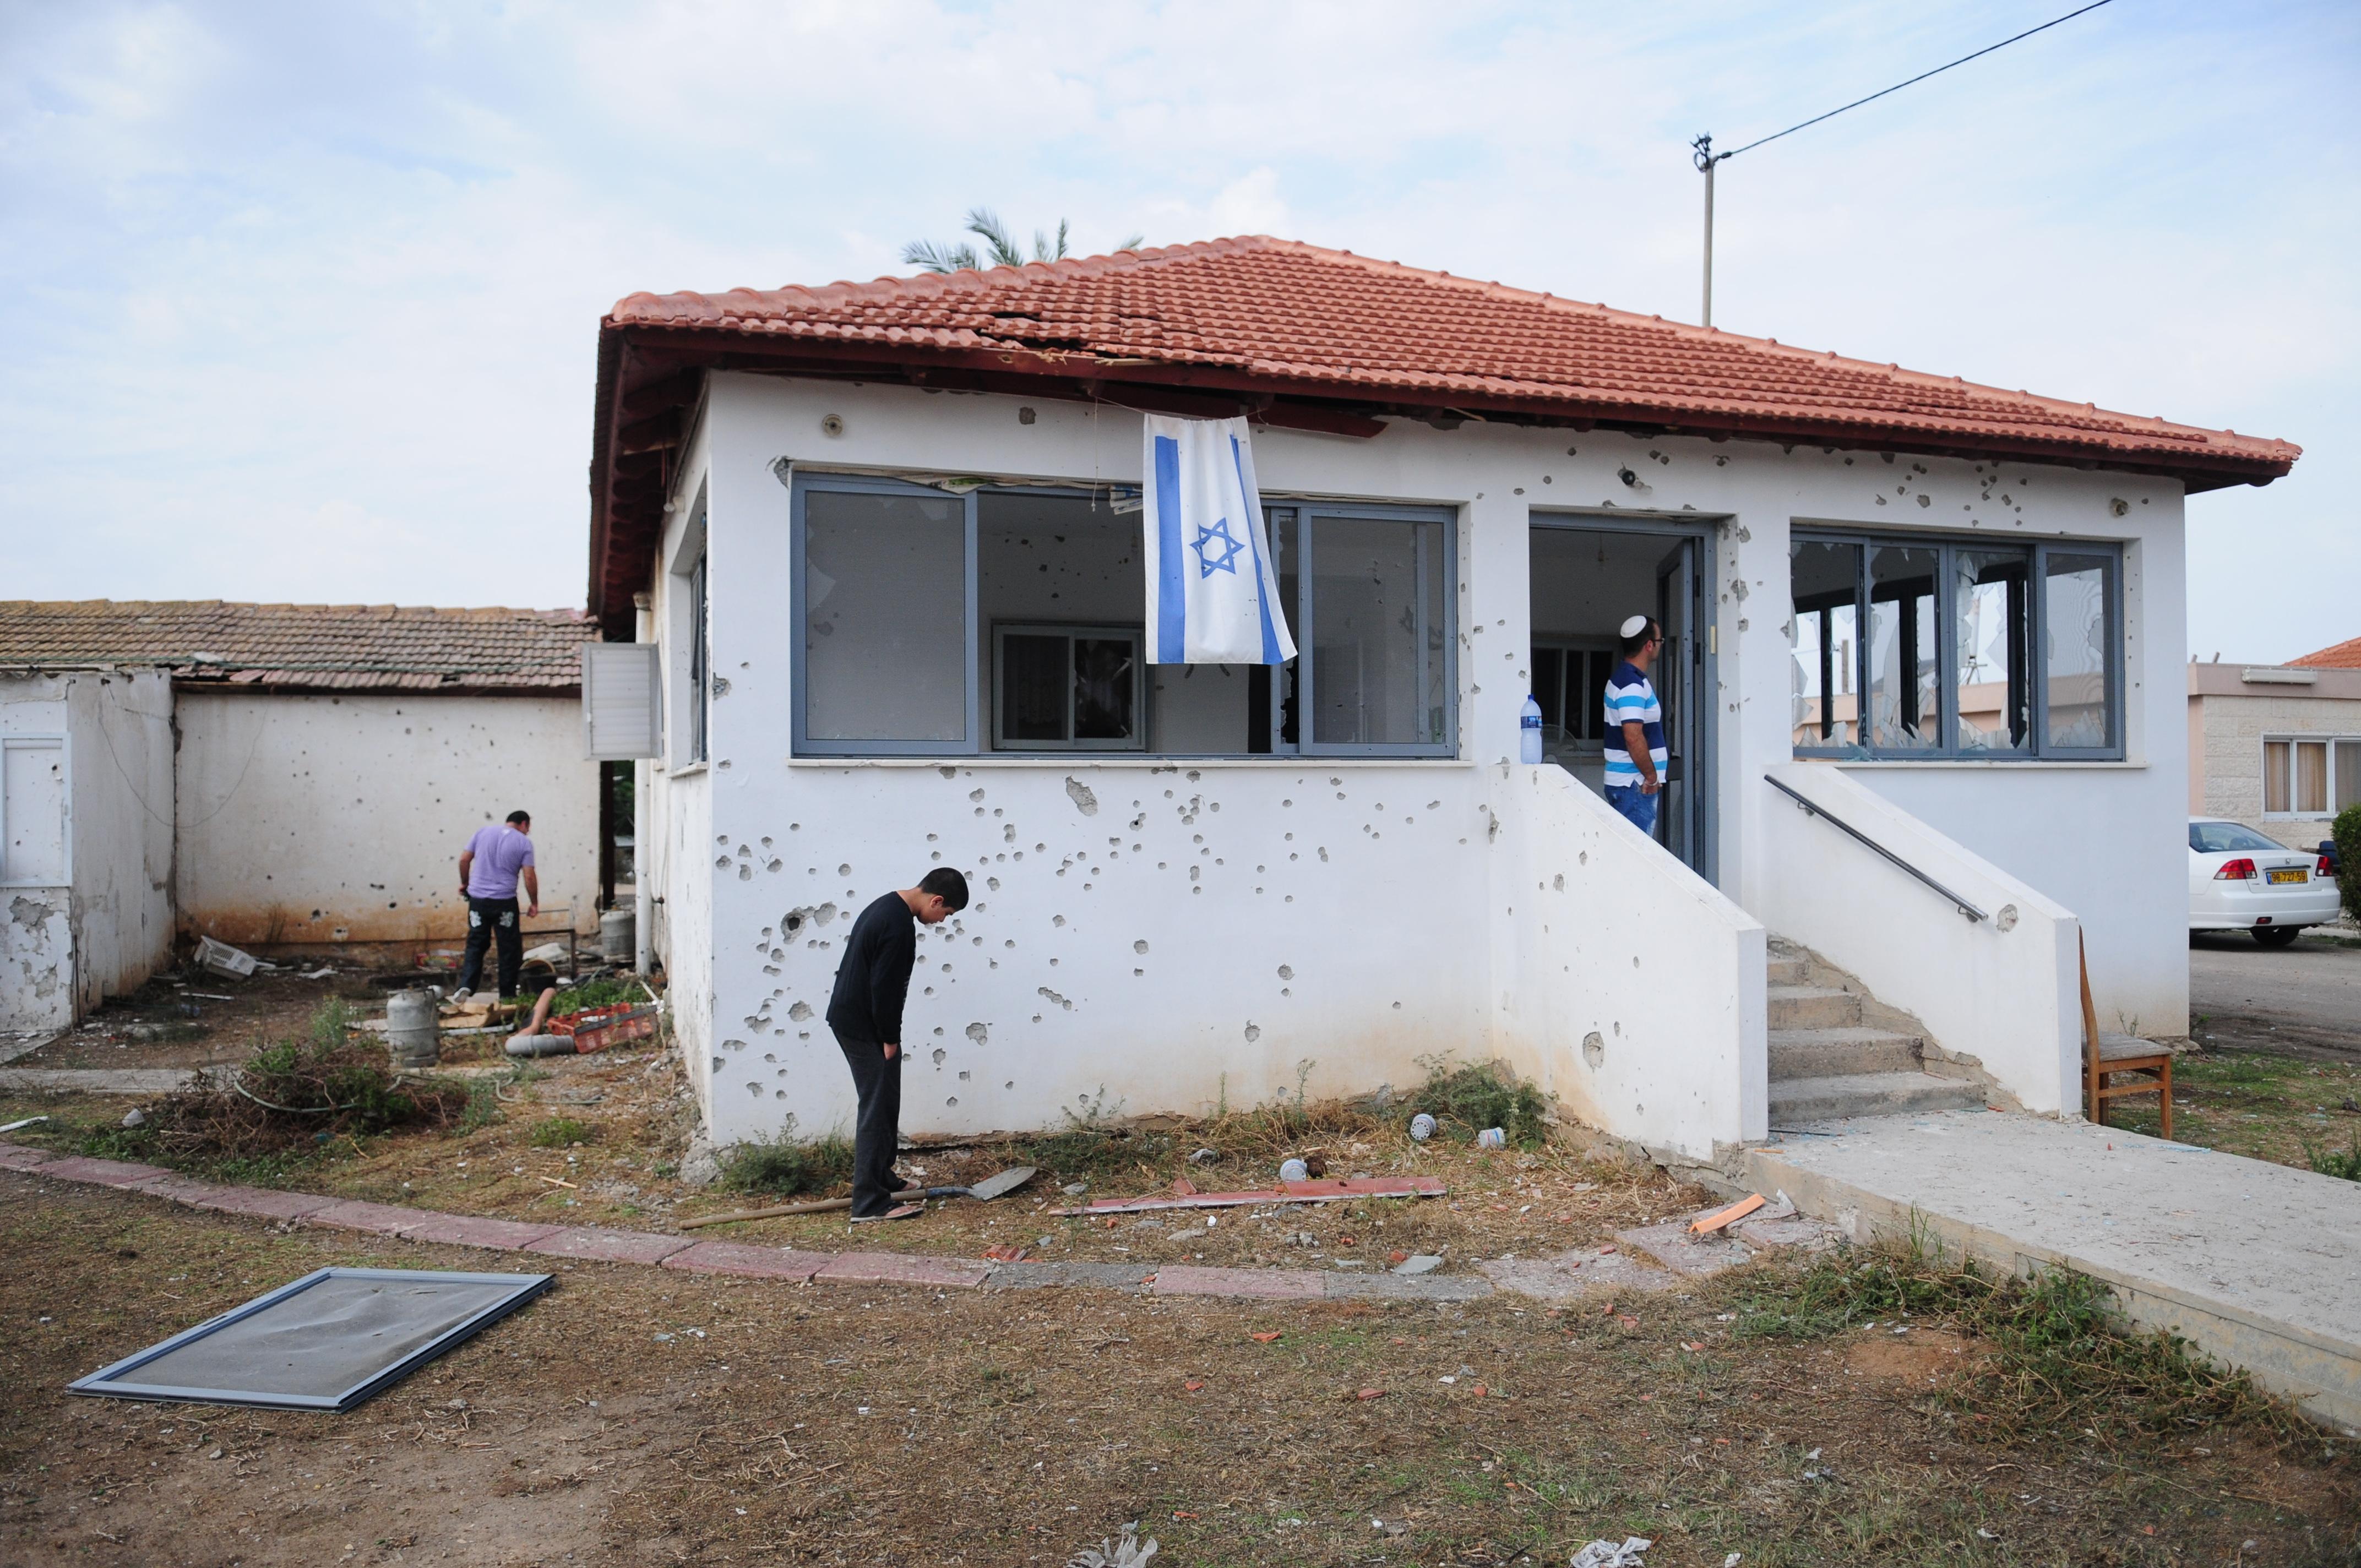 El sobre de Gaza: ¿ha disminuido la resiliencia social?